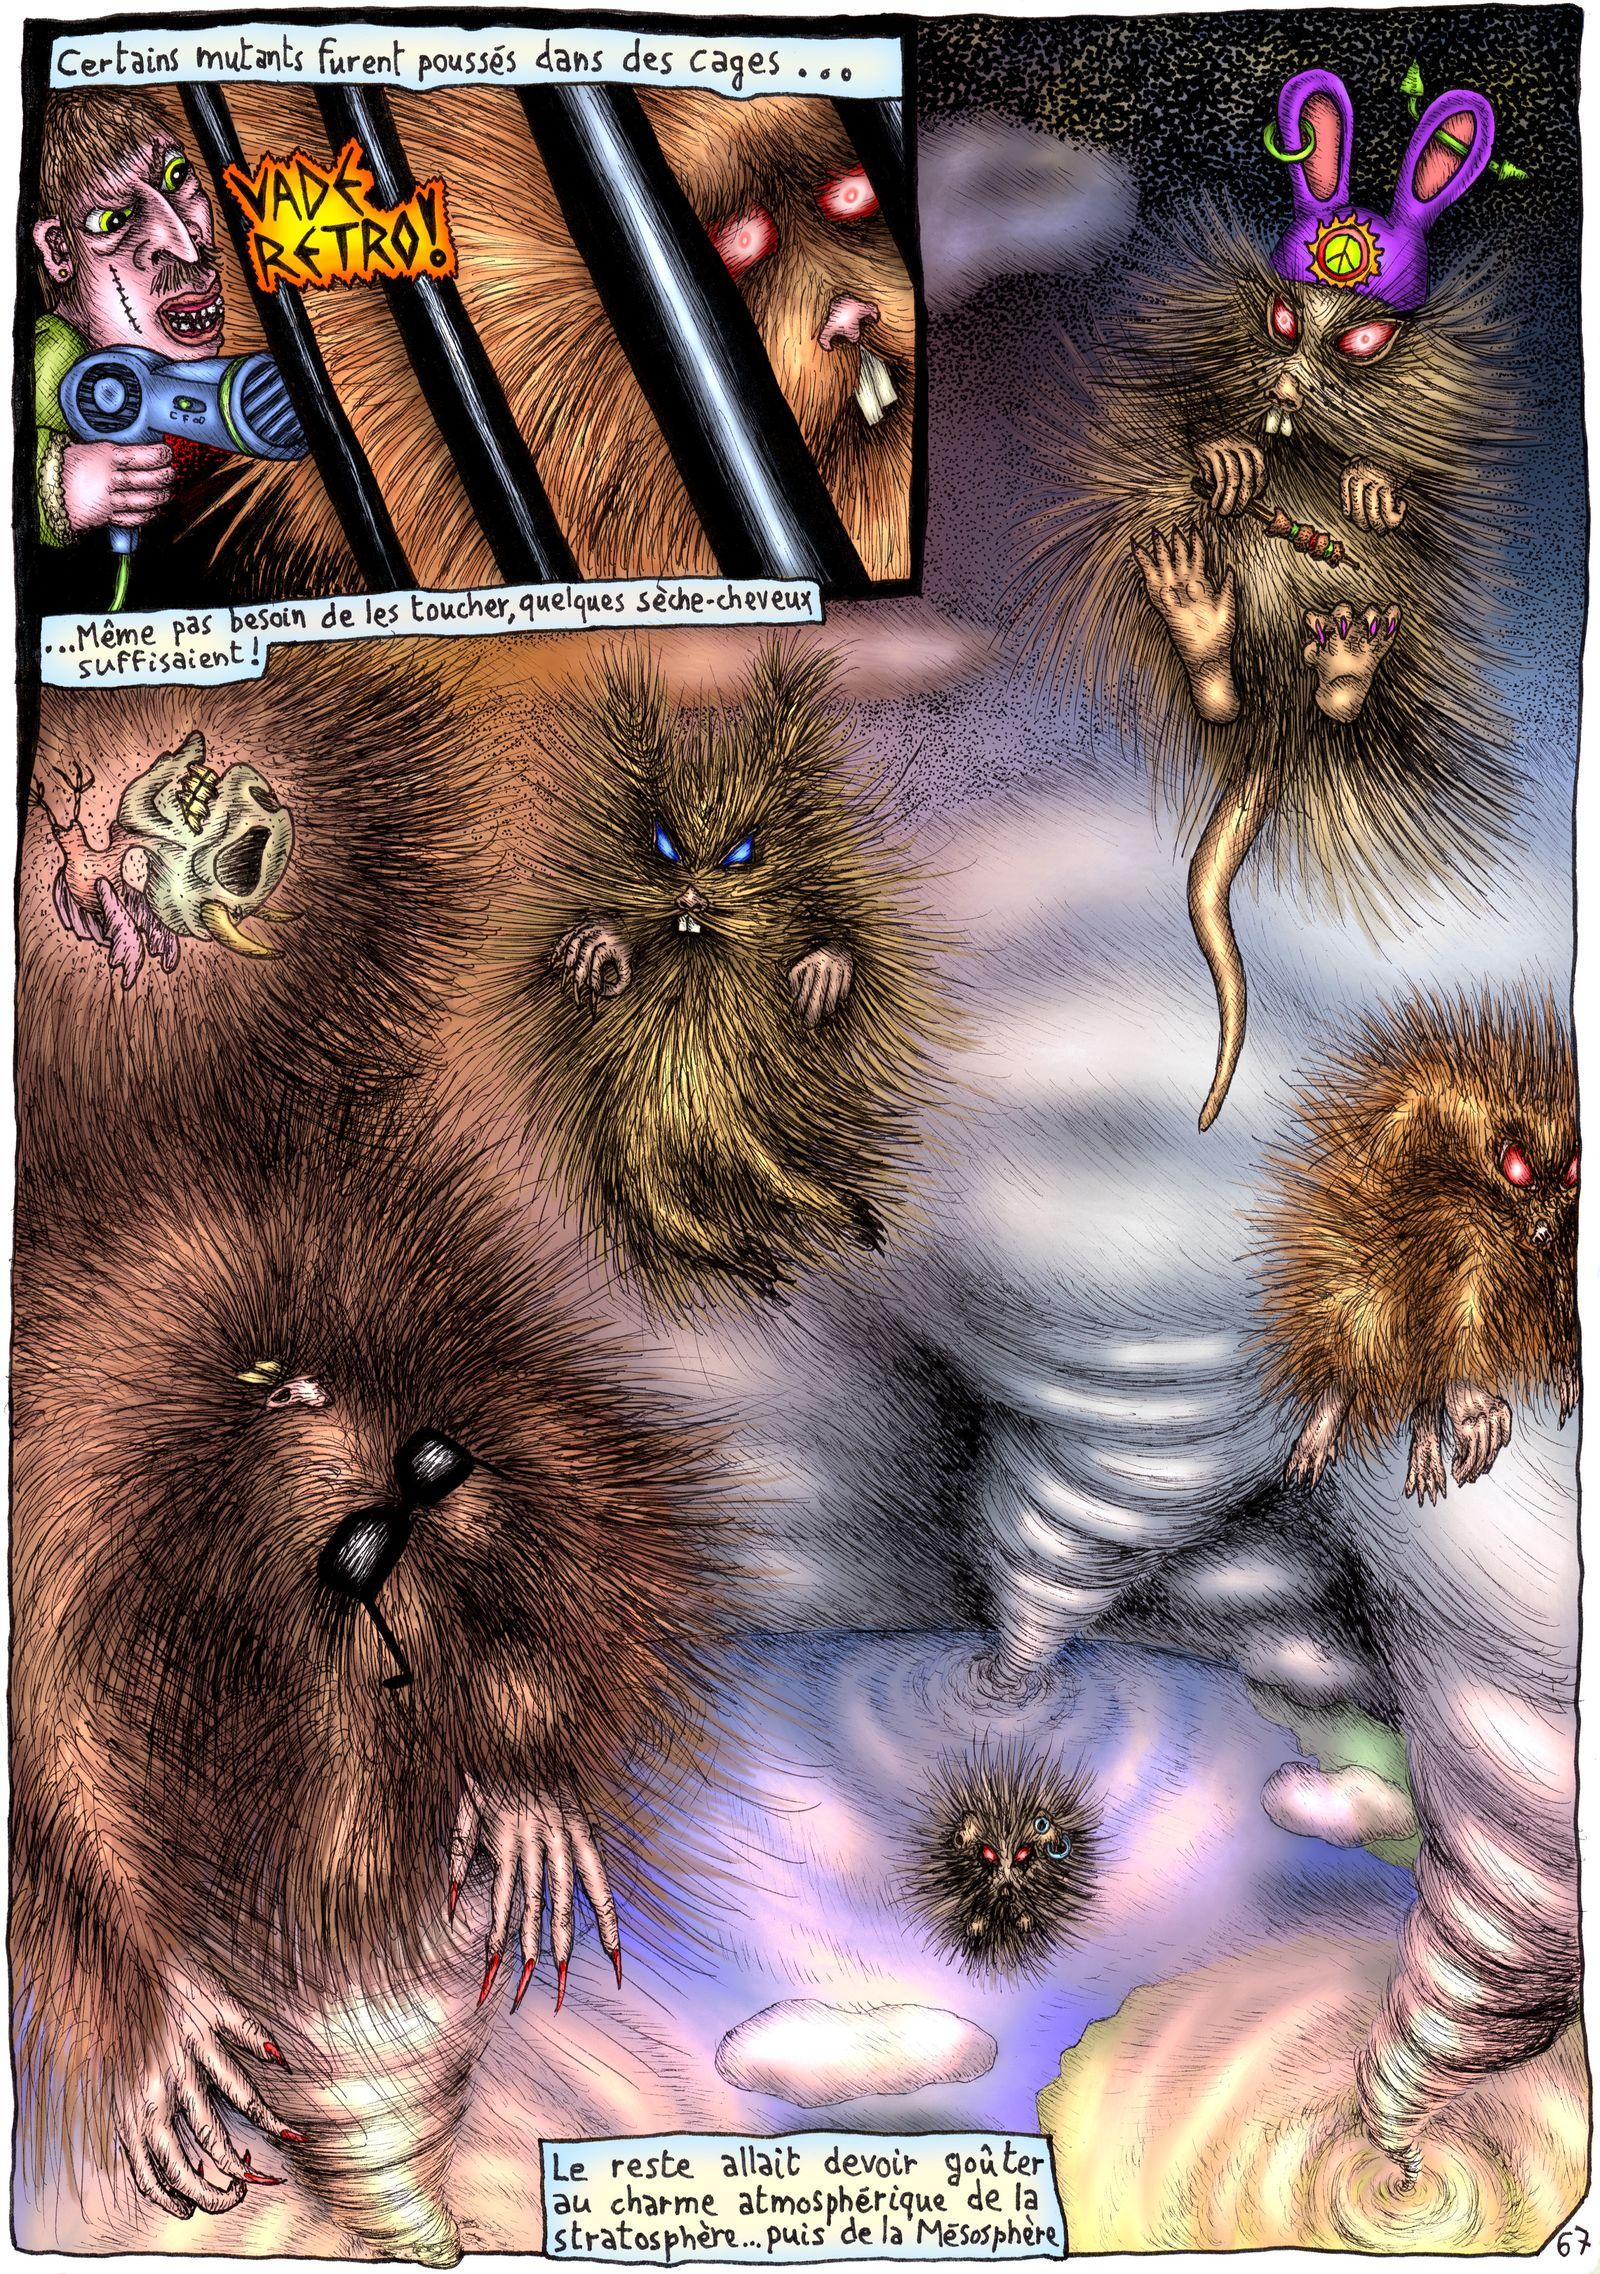 Le voyage des rongeurs mutants zombies vers l'espace